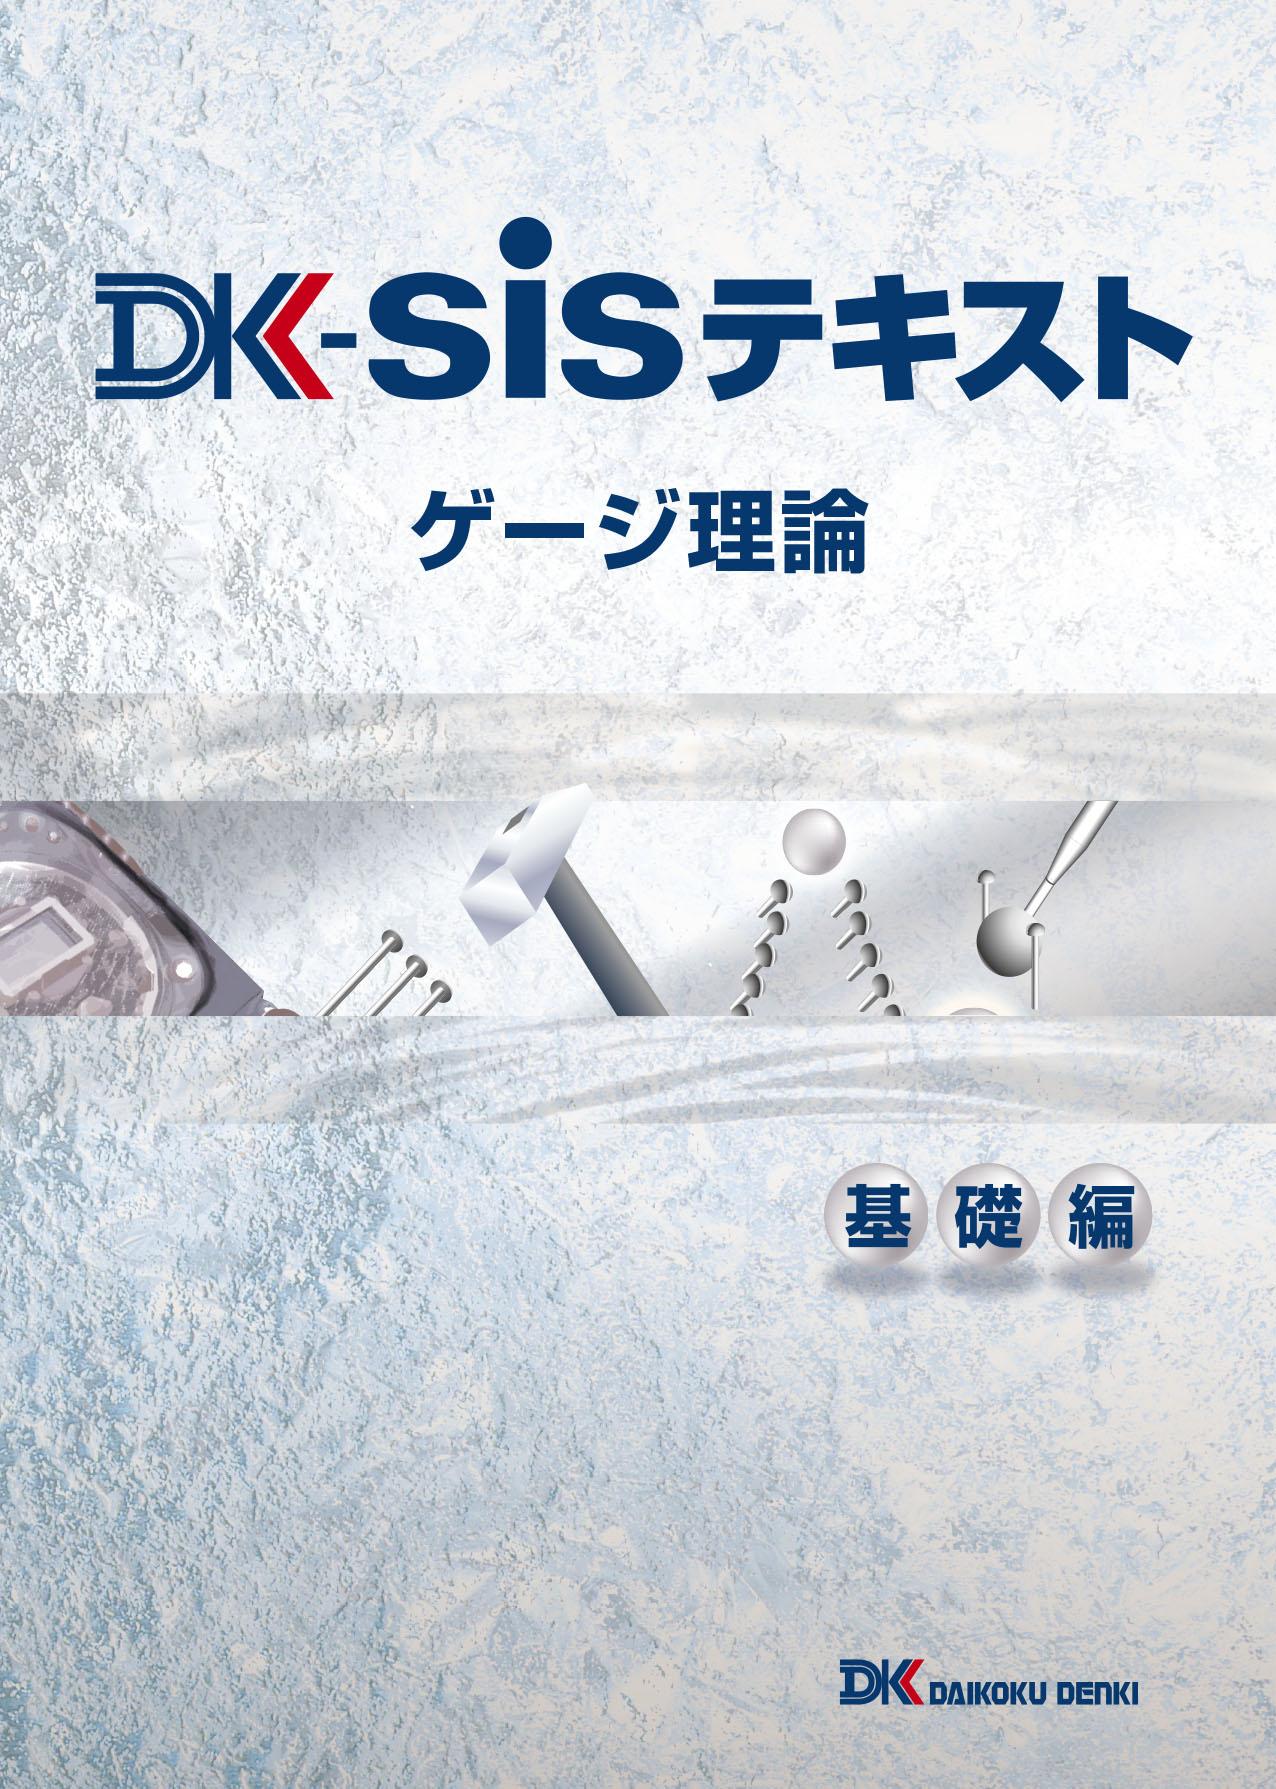 月刊遊技通信 DK-SISテキスト ゲージ理論基礎編